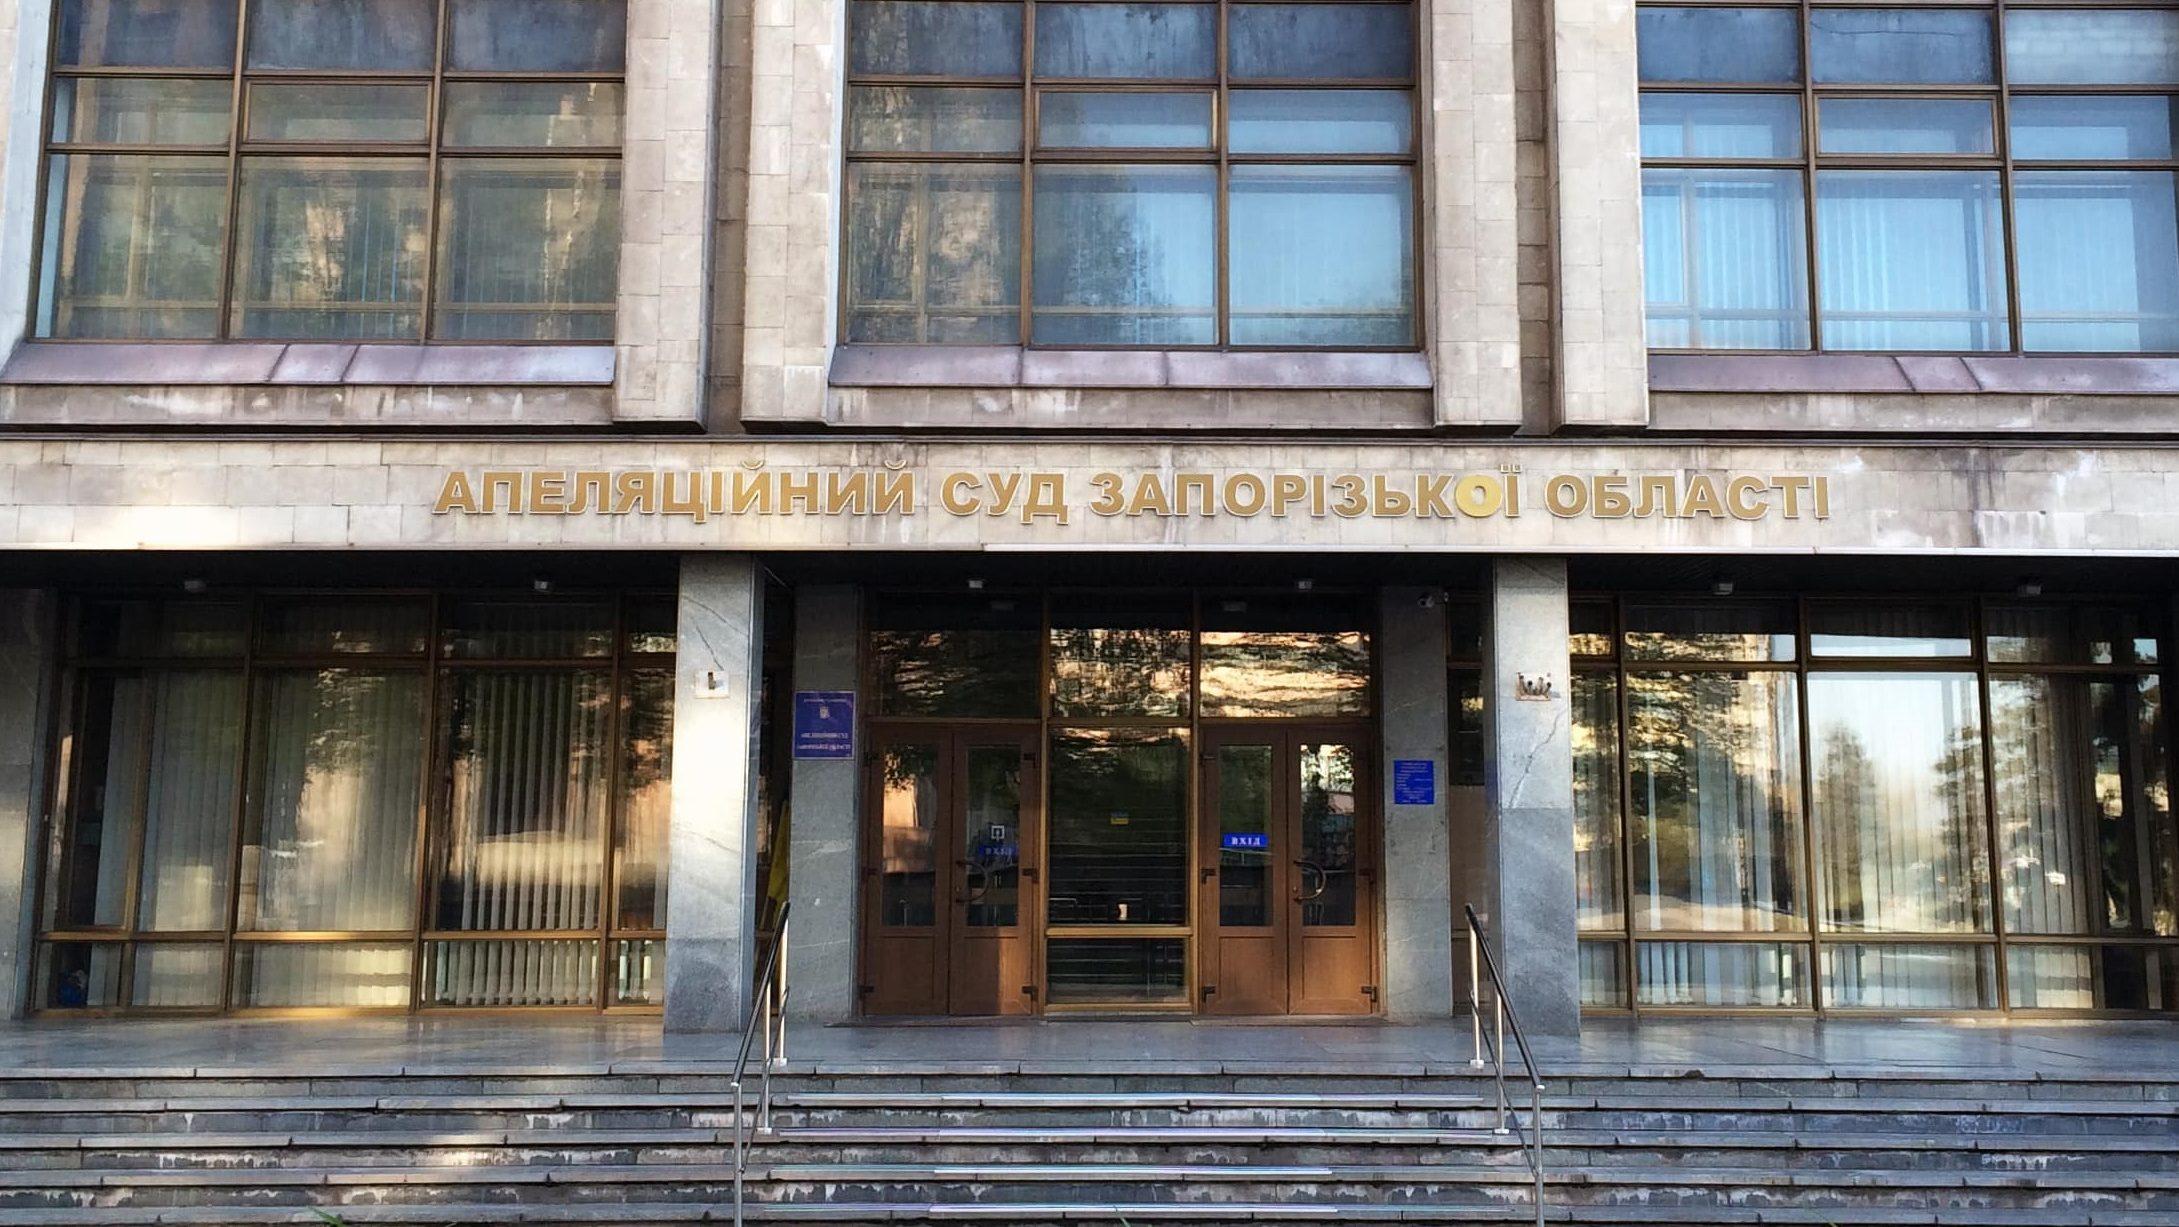 У Запоріжжі заново засудять чиновників, які привласнили понад 1 млн.грн бюджетних коштів